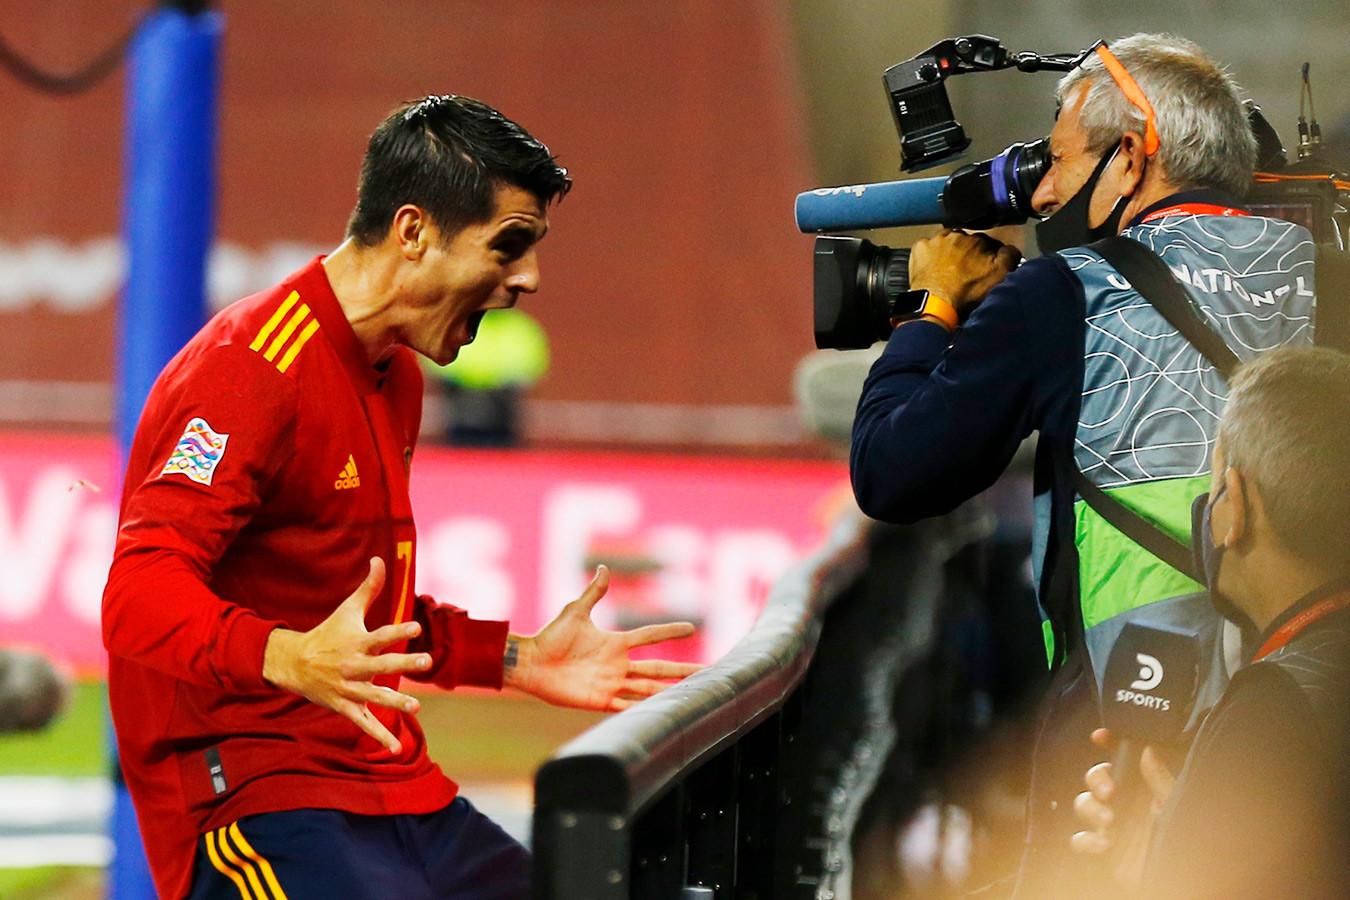 Испания — Греция. Прогноз на матч: Луис Энрике и Альваро Мората не найдут решения